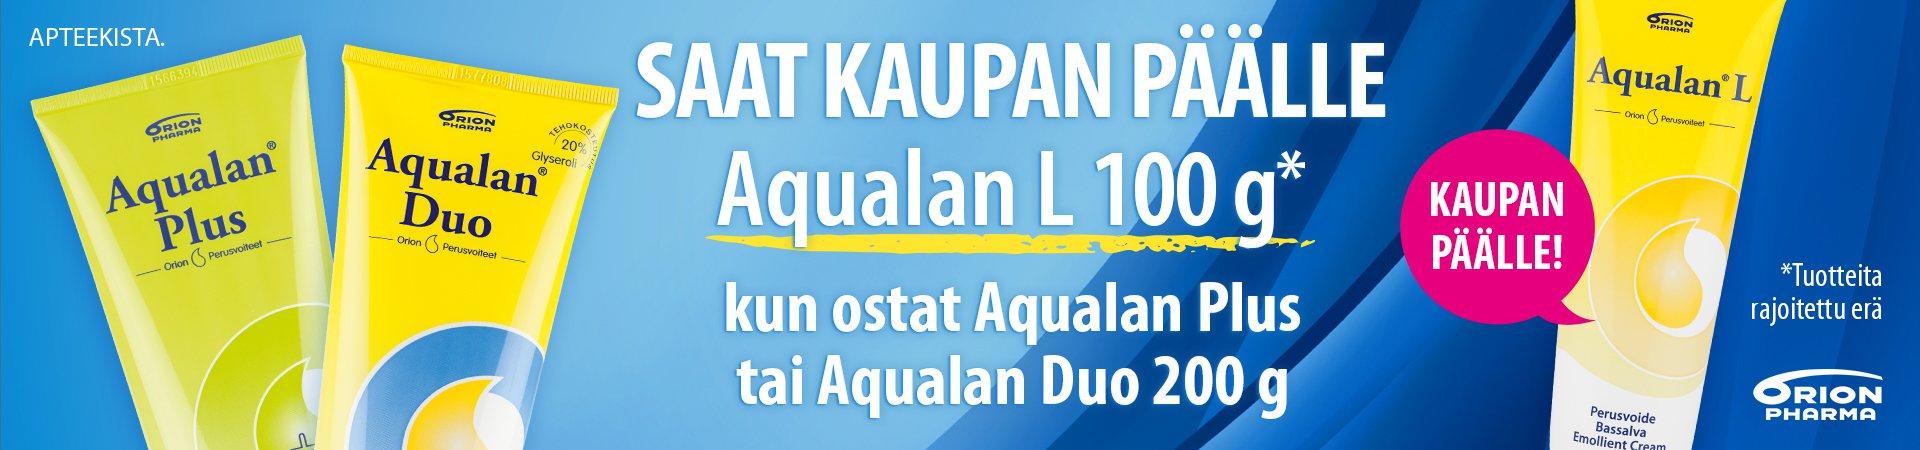 verkkoapteekki perusvoide aqualan tarjous orion